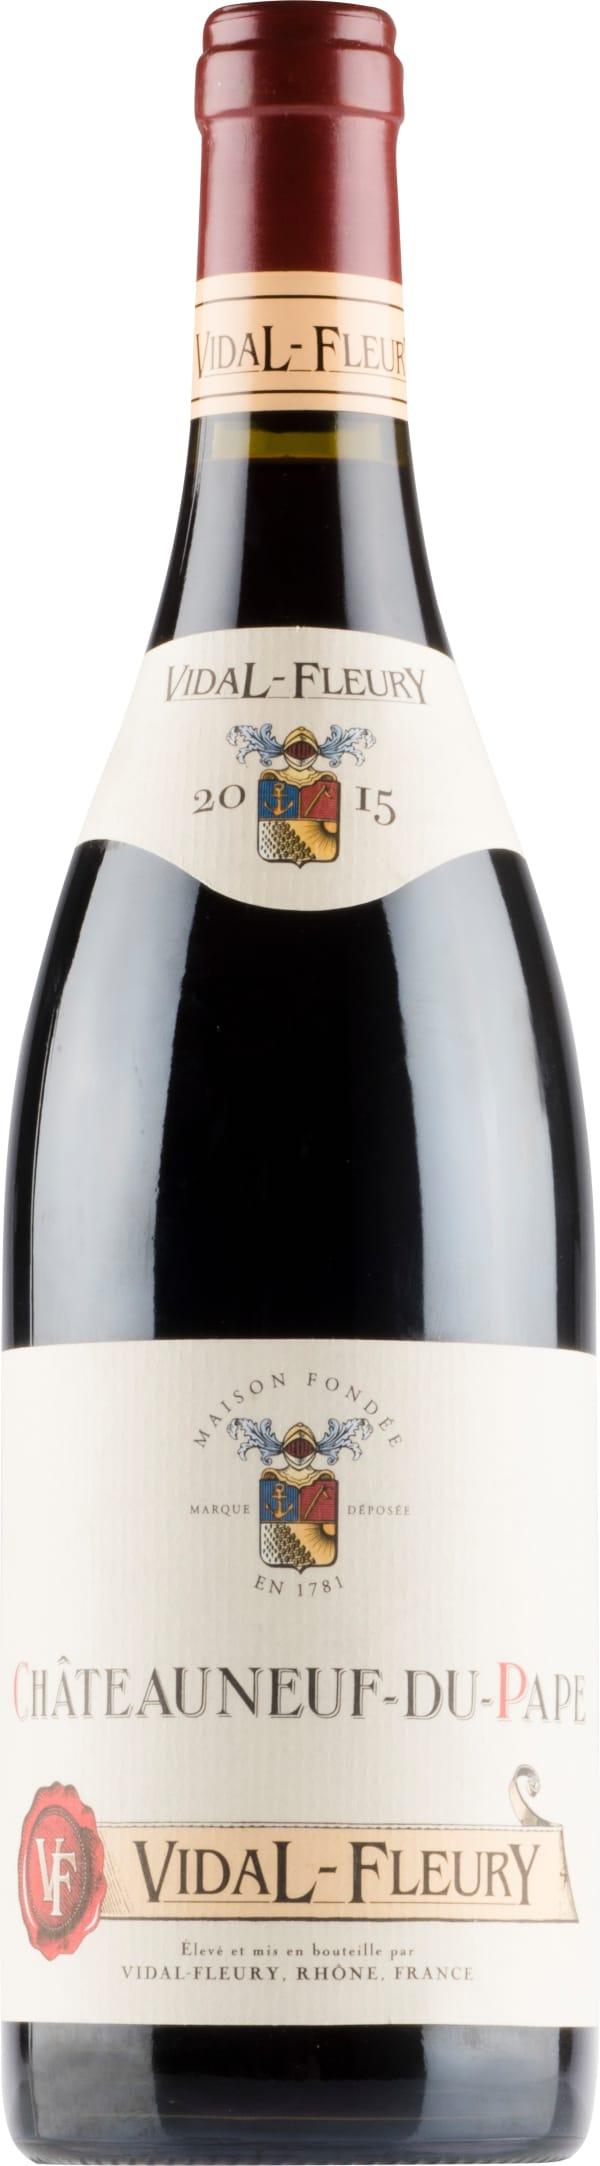 Vidal-Fleury Châteauneuf-du-Pape 2015